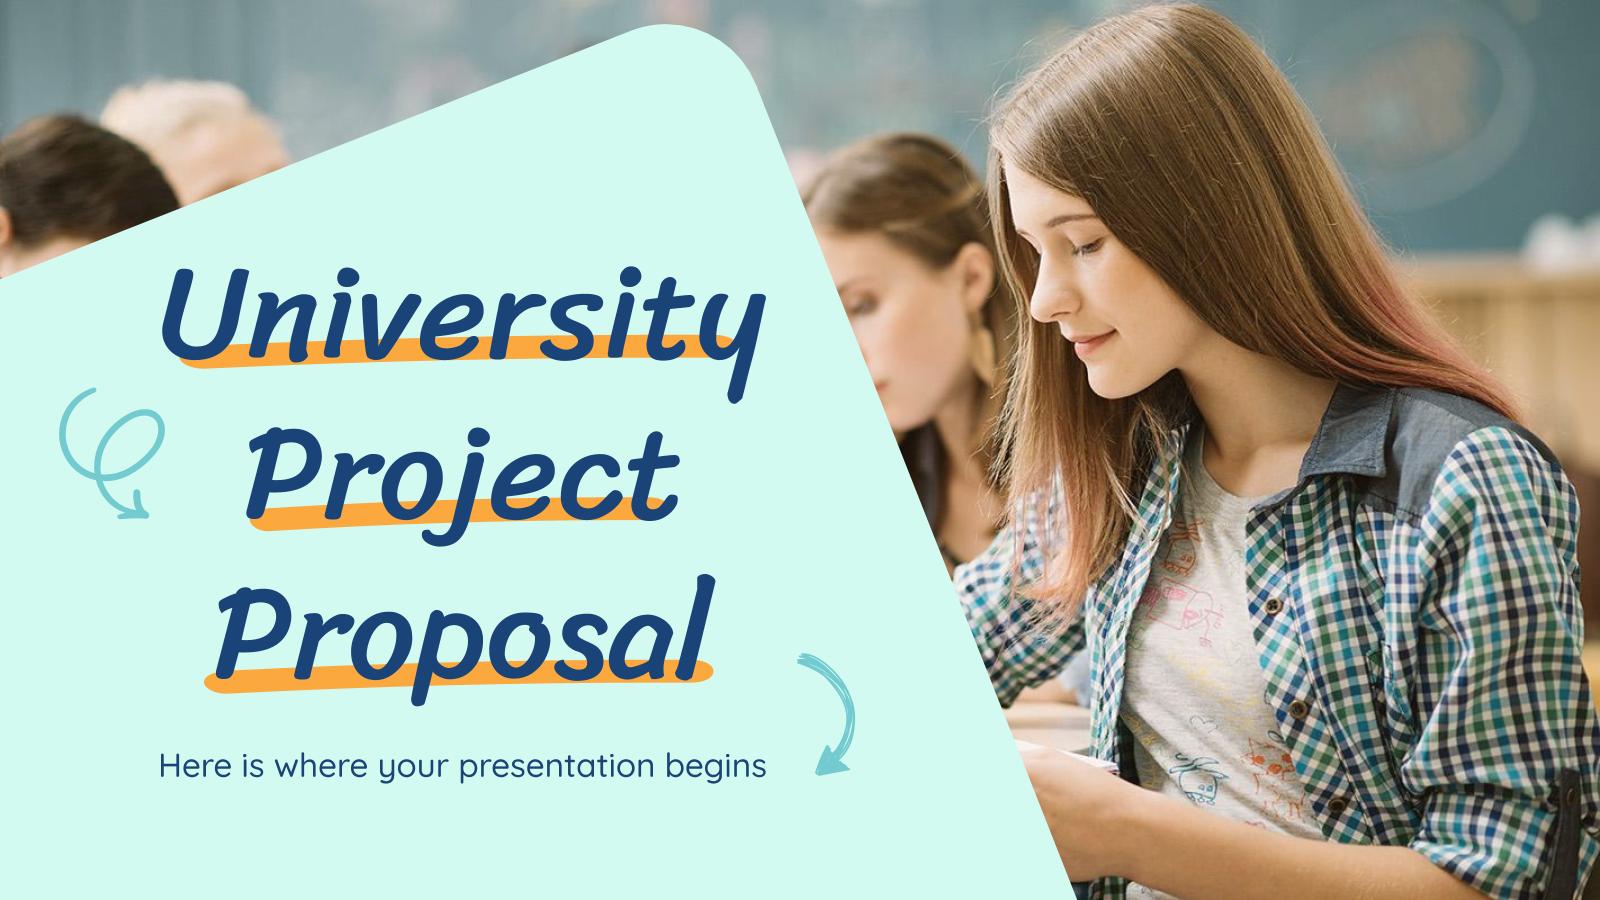 Proposition de projet universitaire : Modèles de présentation